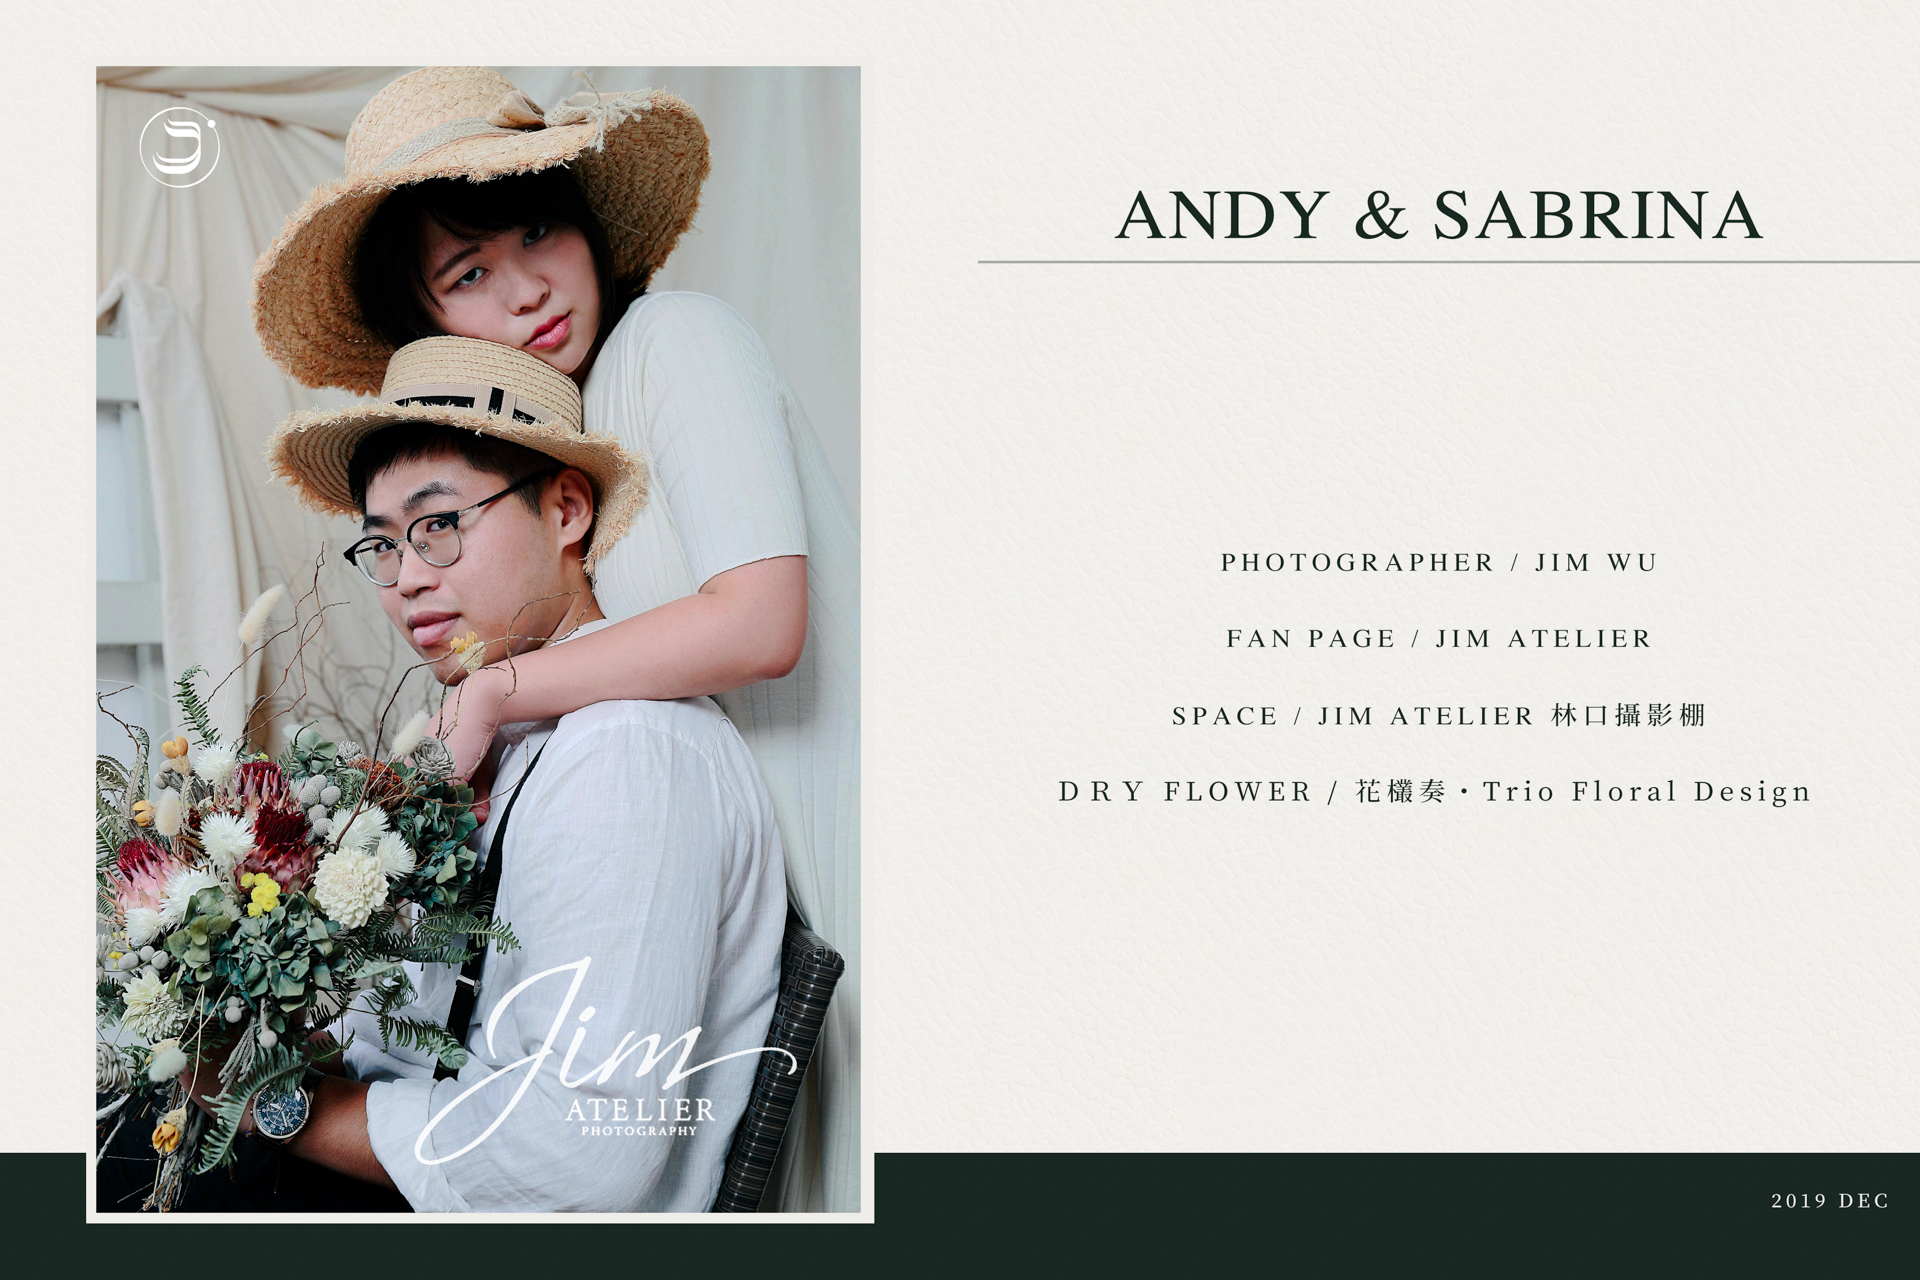 Andy & Sabrina 封面